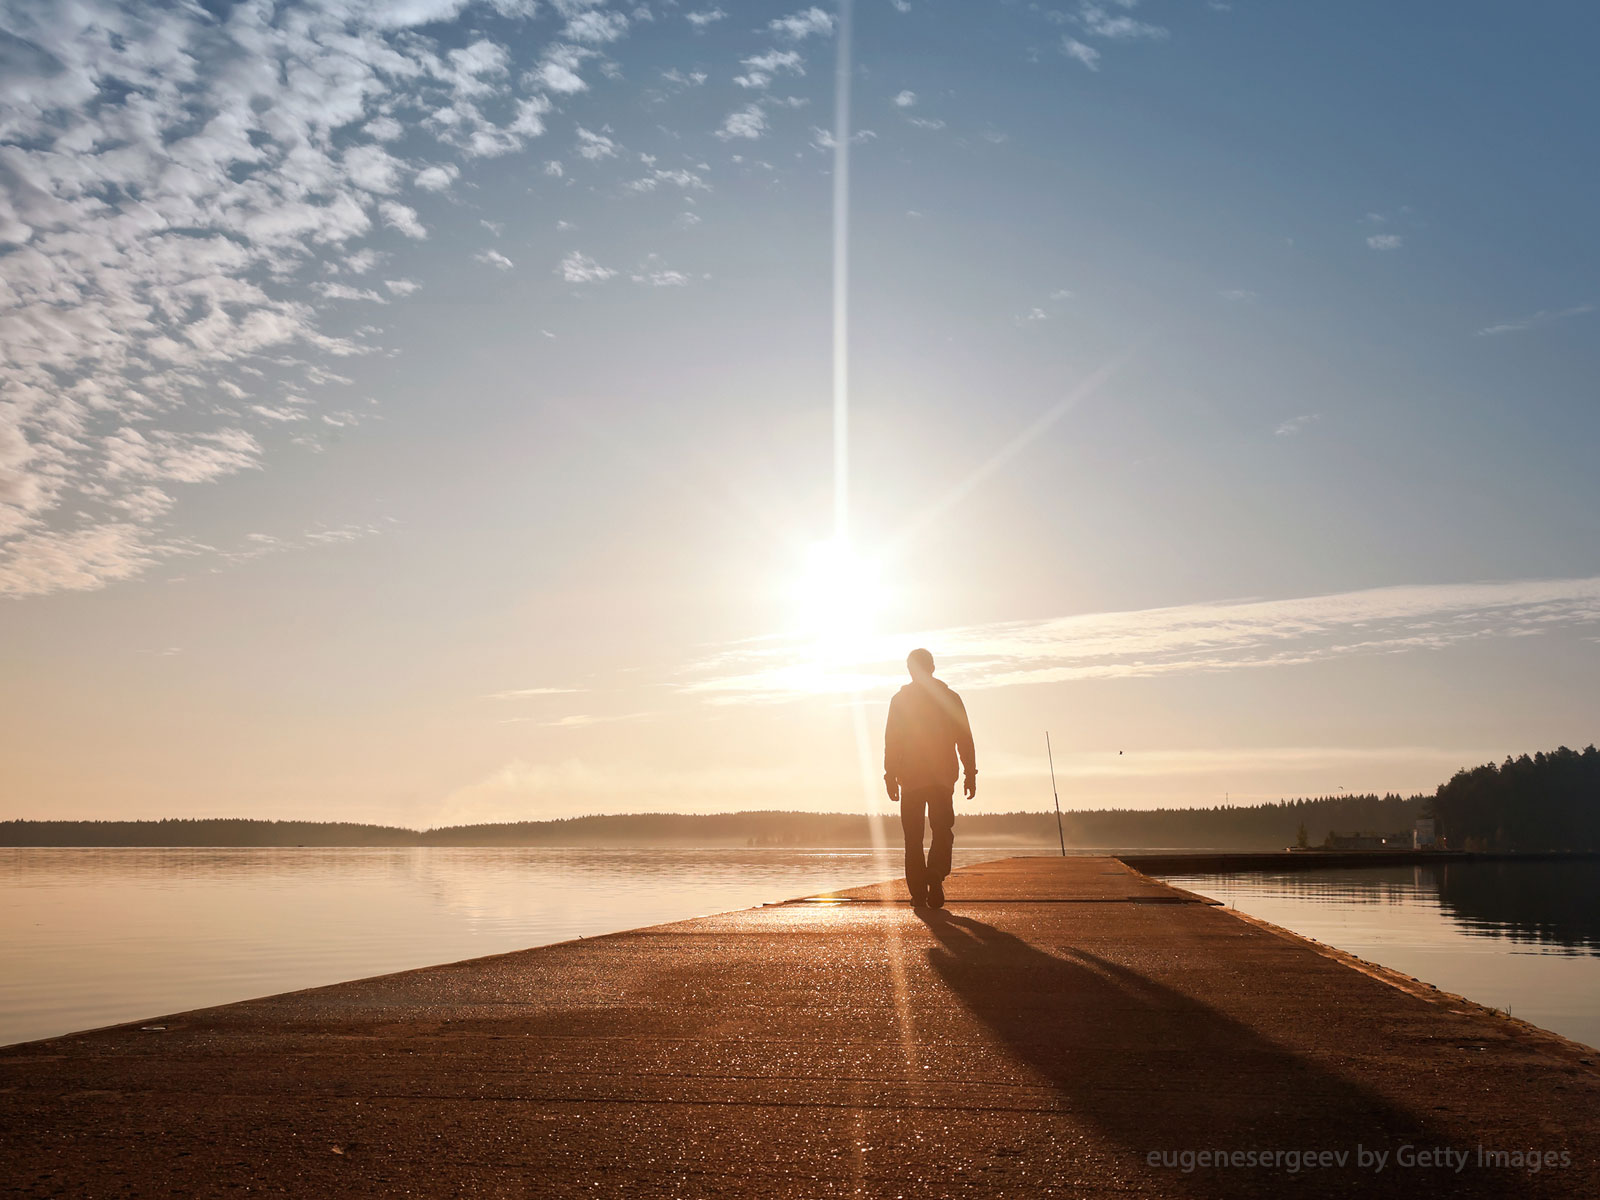 Quais são as características que Deus formou no homem na sua criação?